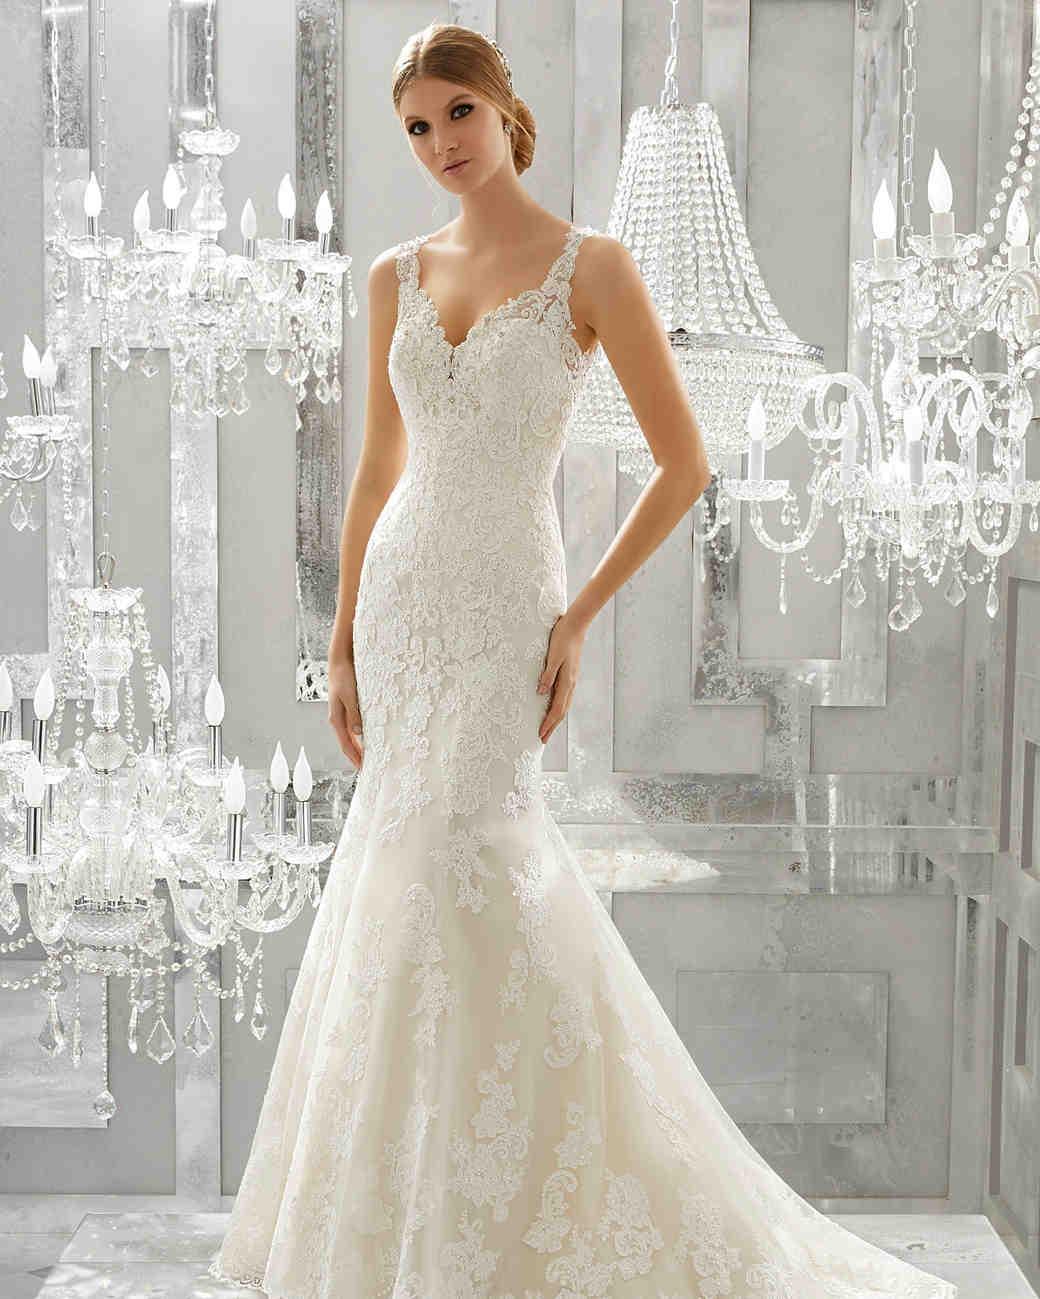 morilee wedding dress spring 2018 v-neck embroidered lace